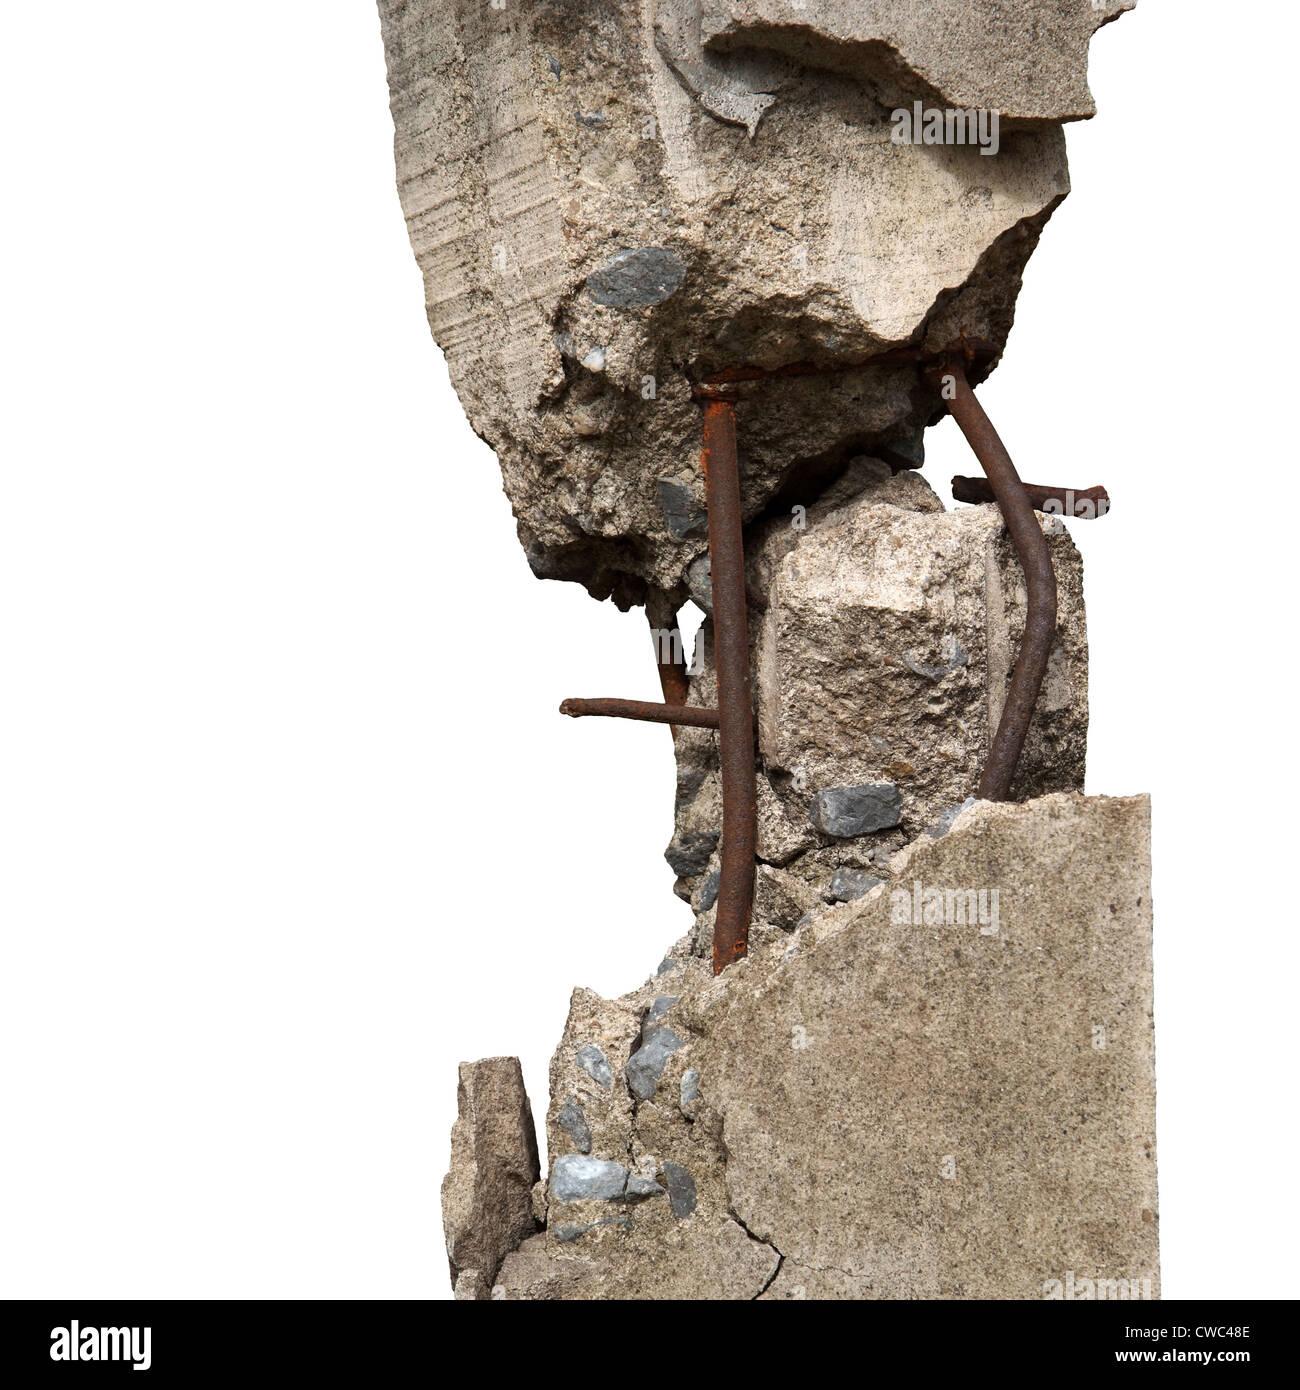 Broken concrete pillars and steel structures seen. - Stock Image